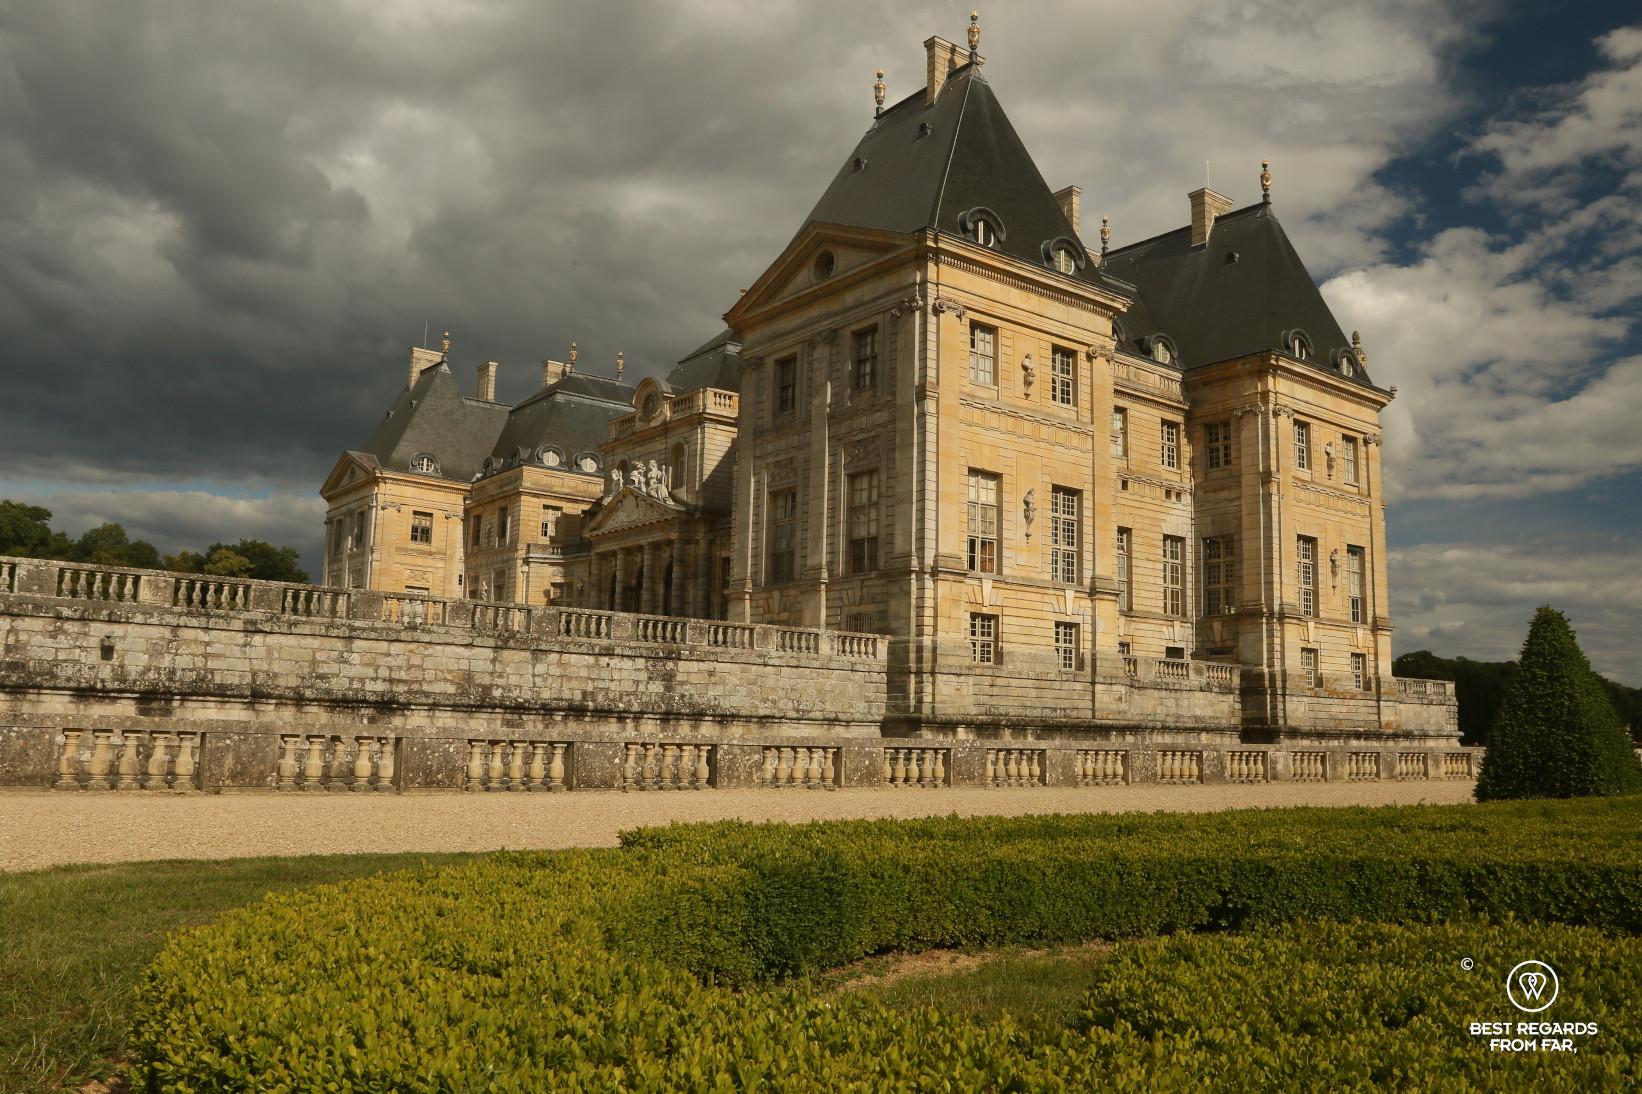 Castle of Vaux-le-Vicomte, France.